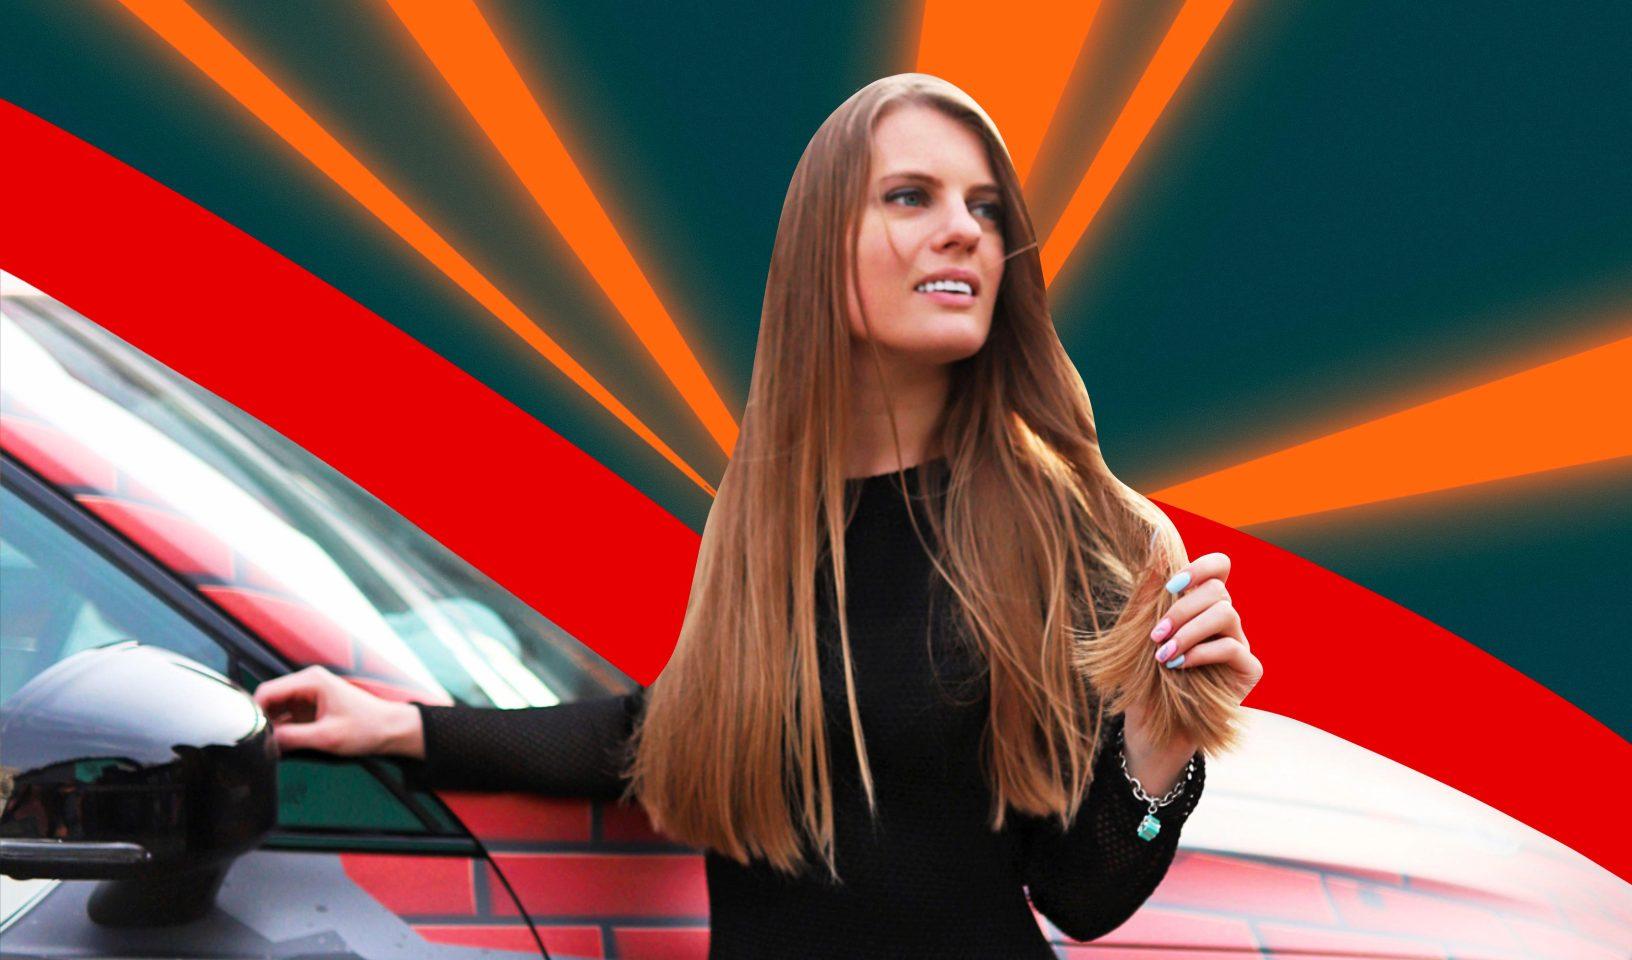 Автоблогер Мария Полищук о первом (купленном тайно!) авто, тест-драйве на льду и ленте без откровенных фото